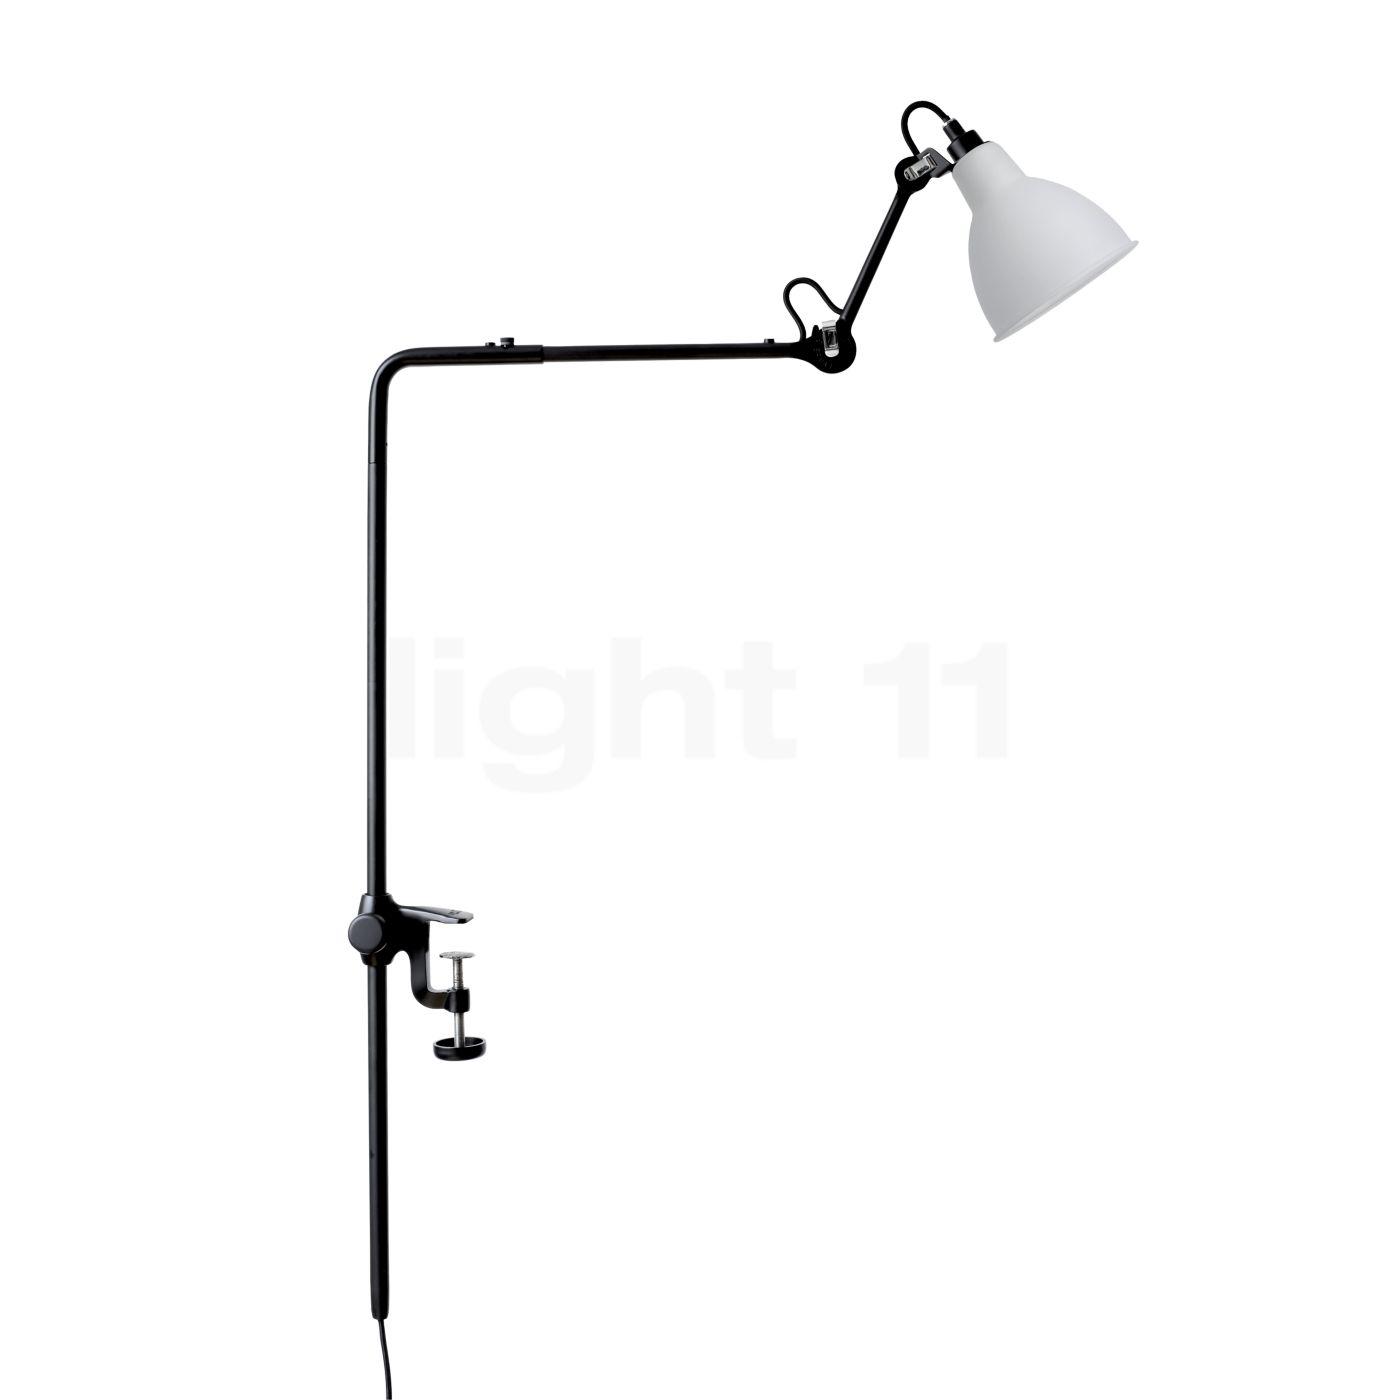 DCW Lampe Gras No 226 Klemmleuchte, opal 226 BL-GLASS